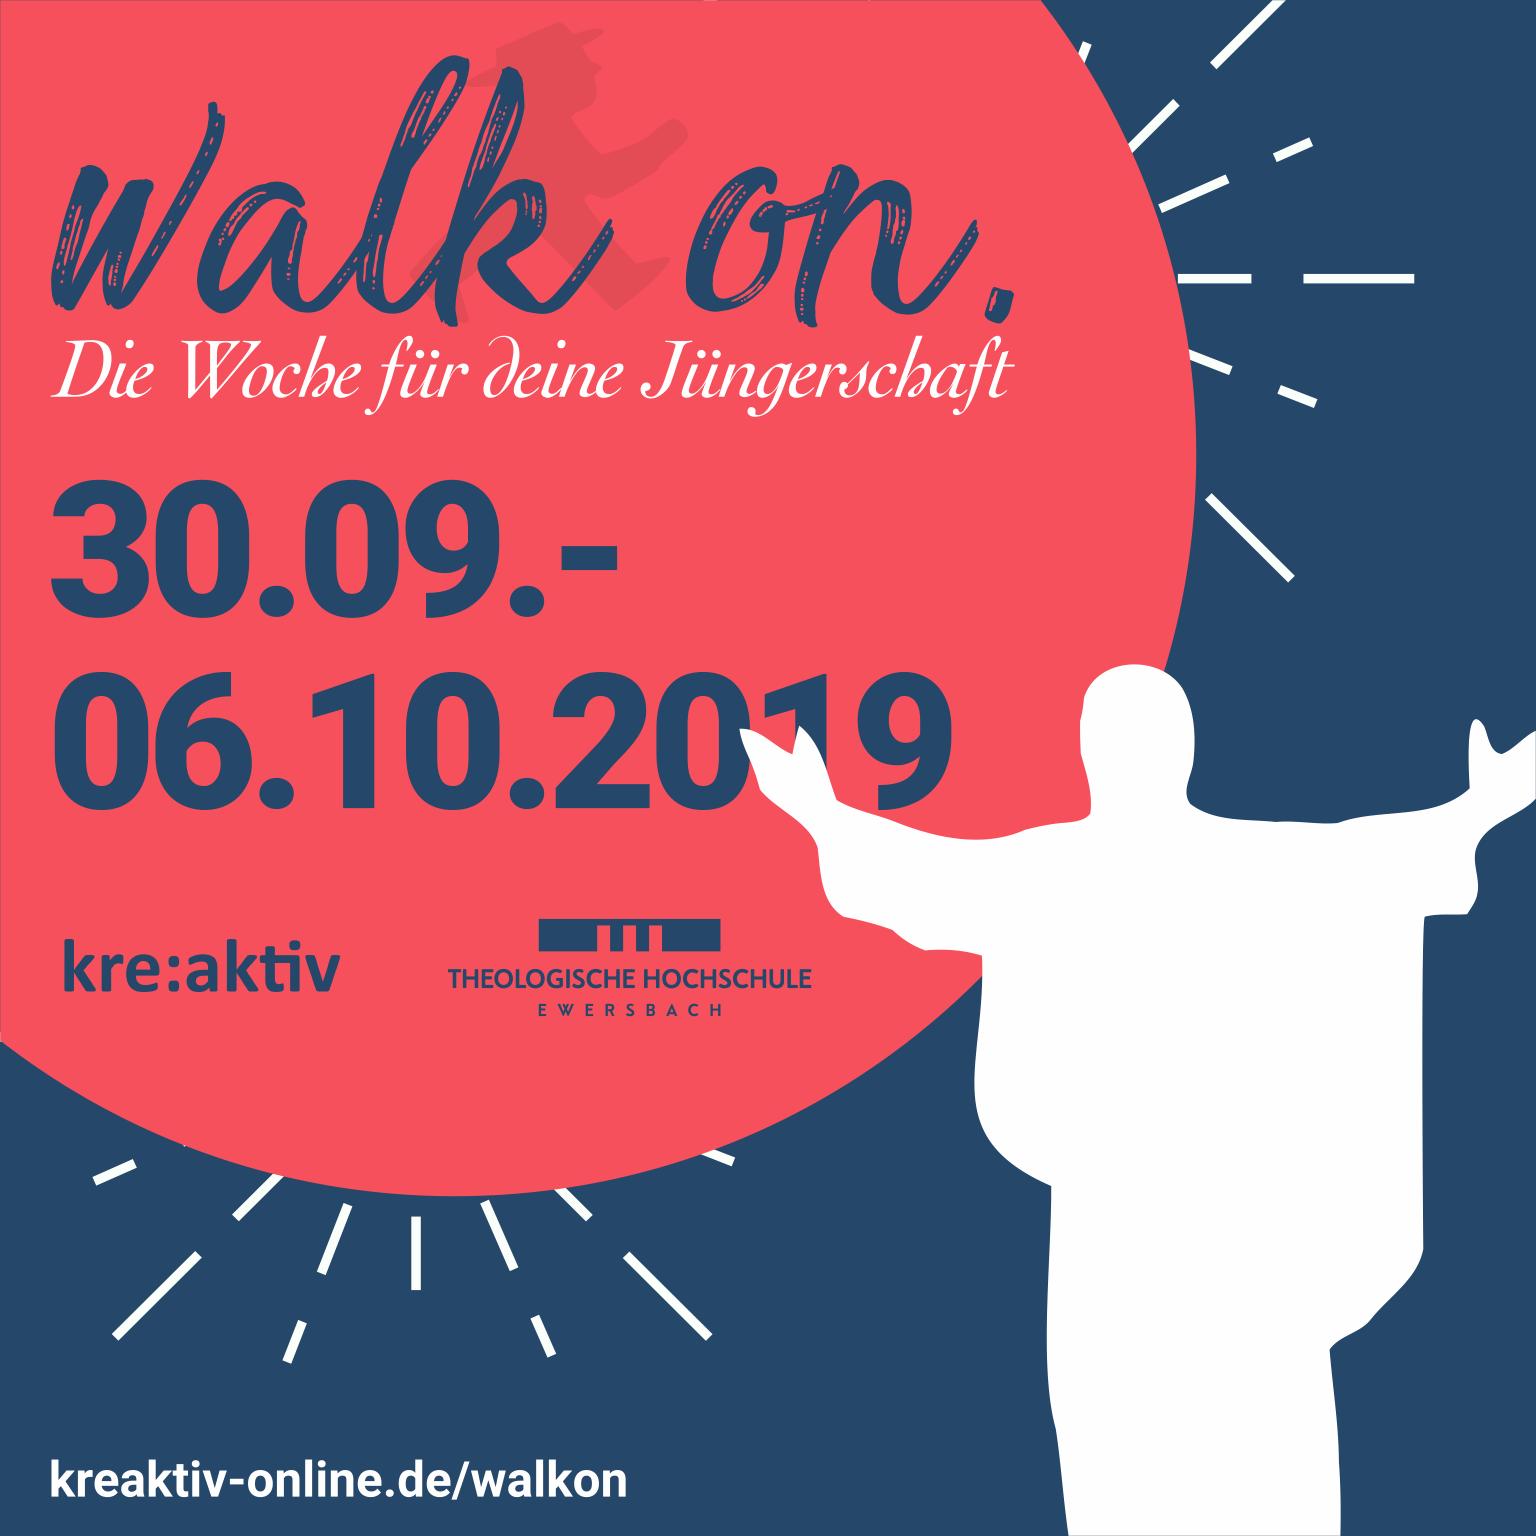 WALK ON - Die Woche für deine Jüngerschaft